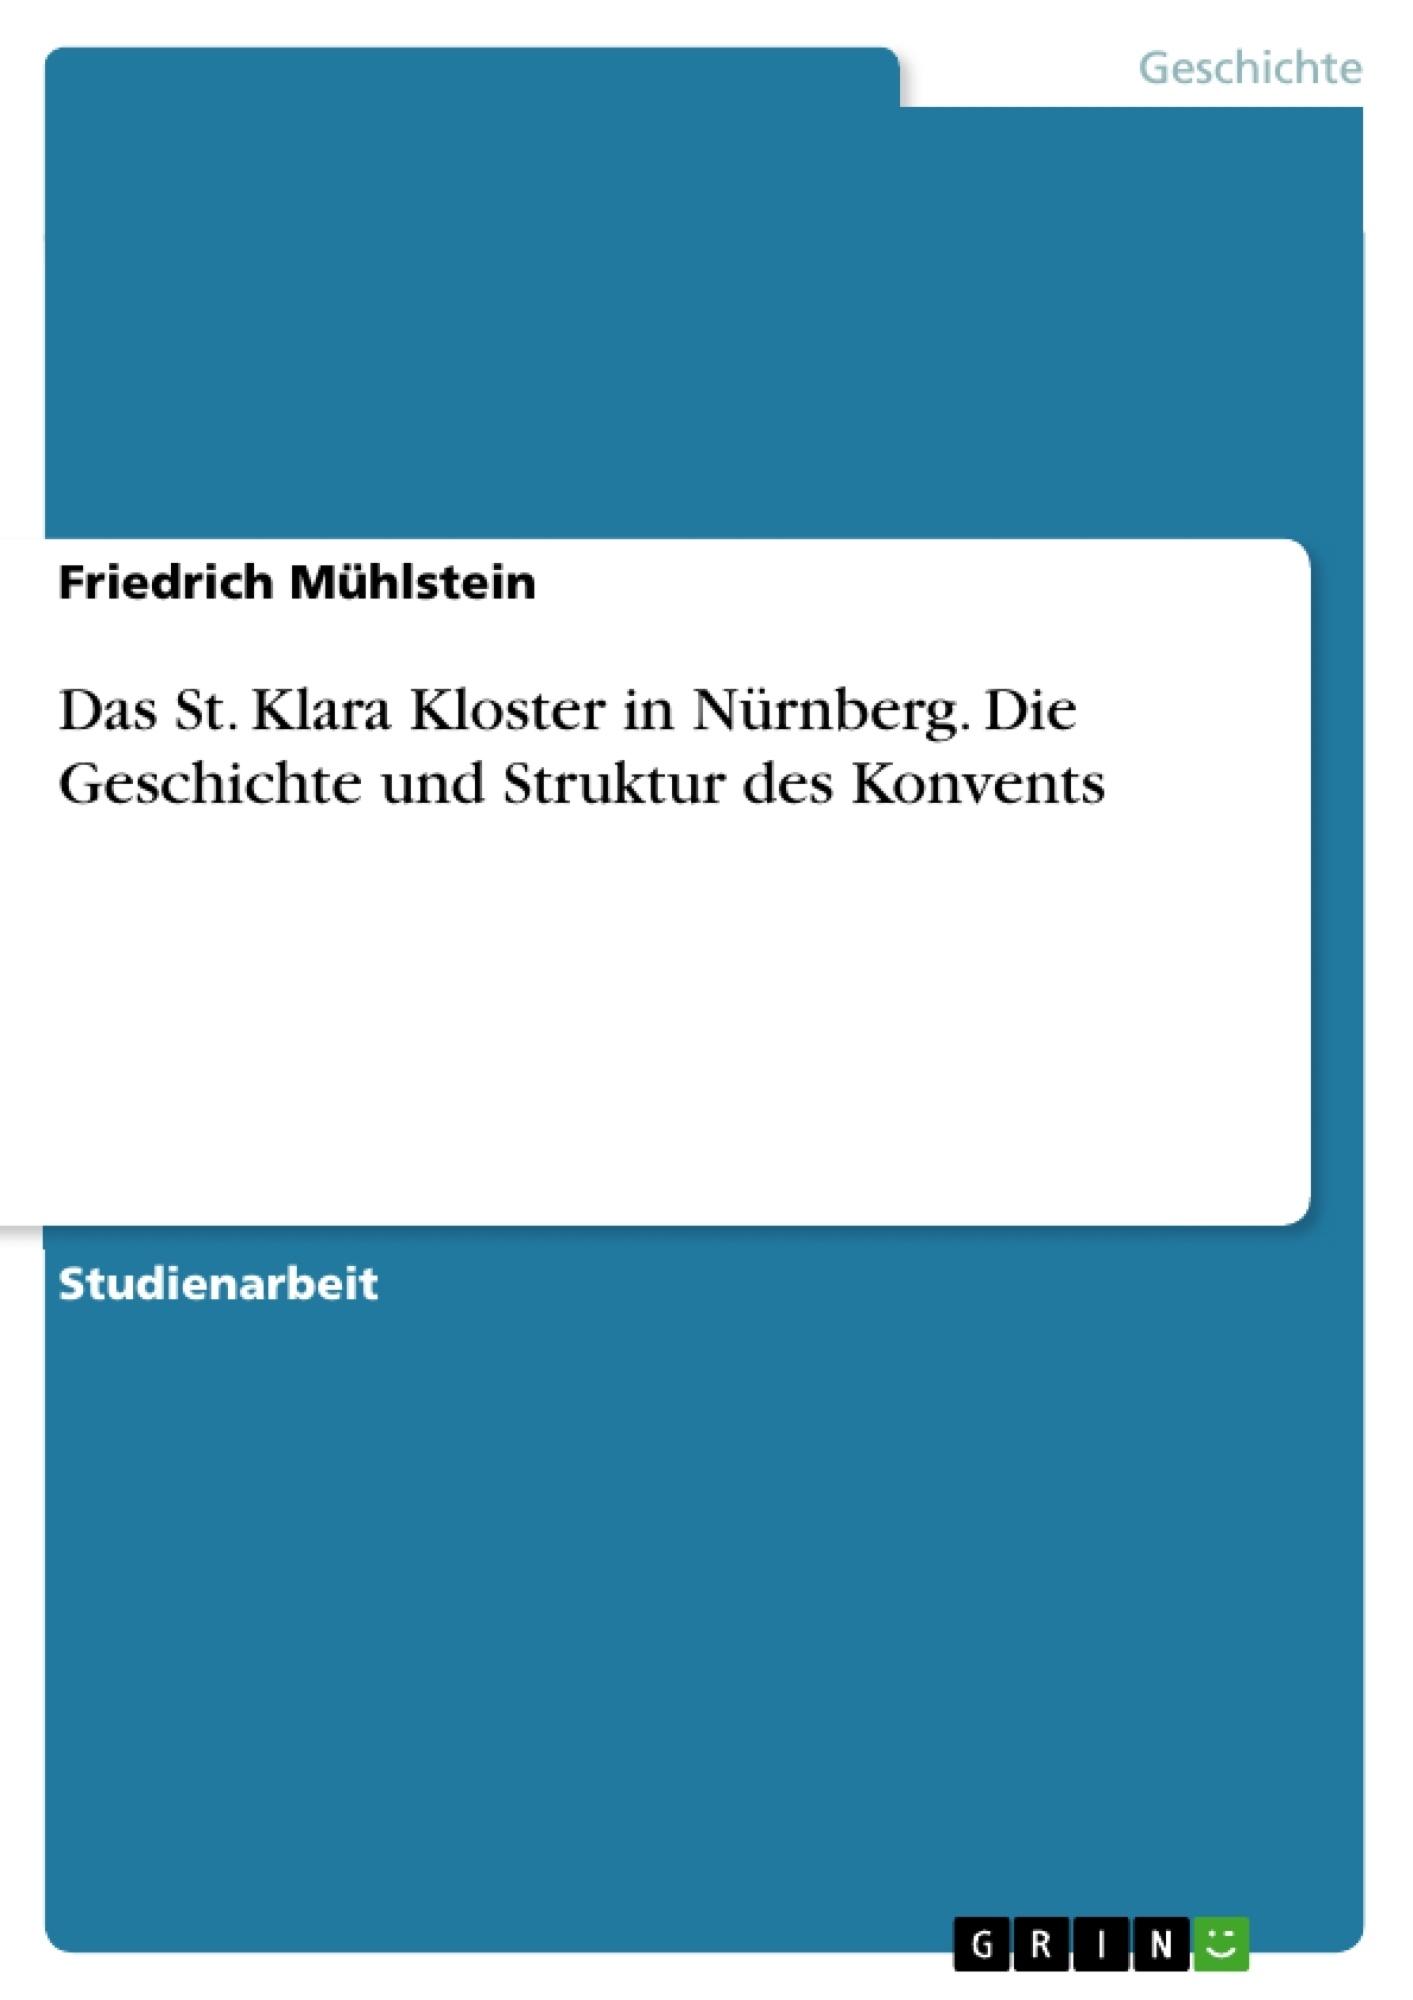 Titel: Das St. Klara Kloster in Nürnberg. Die Geschichte und Struktur des Konvents